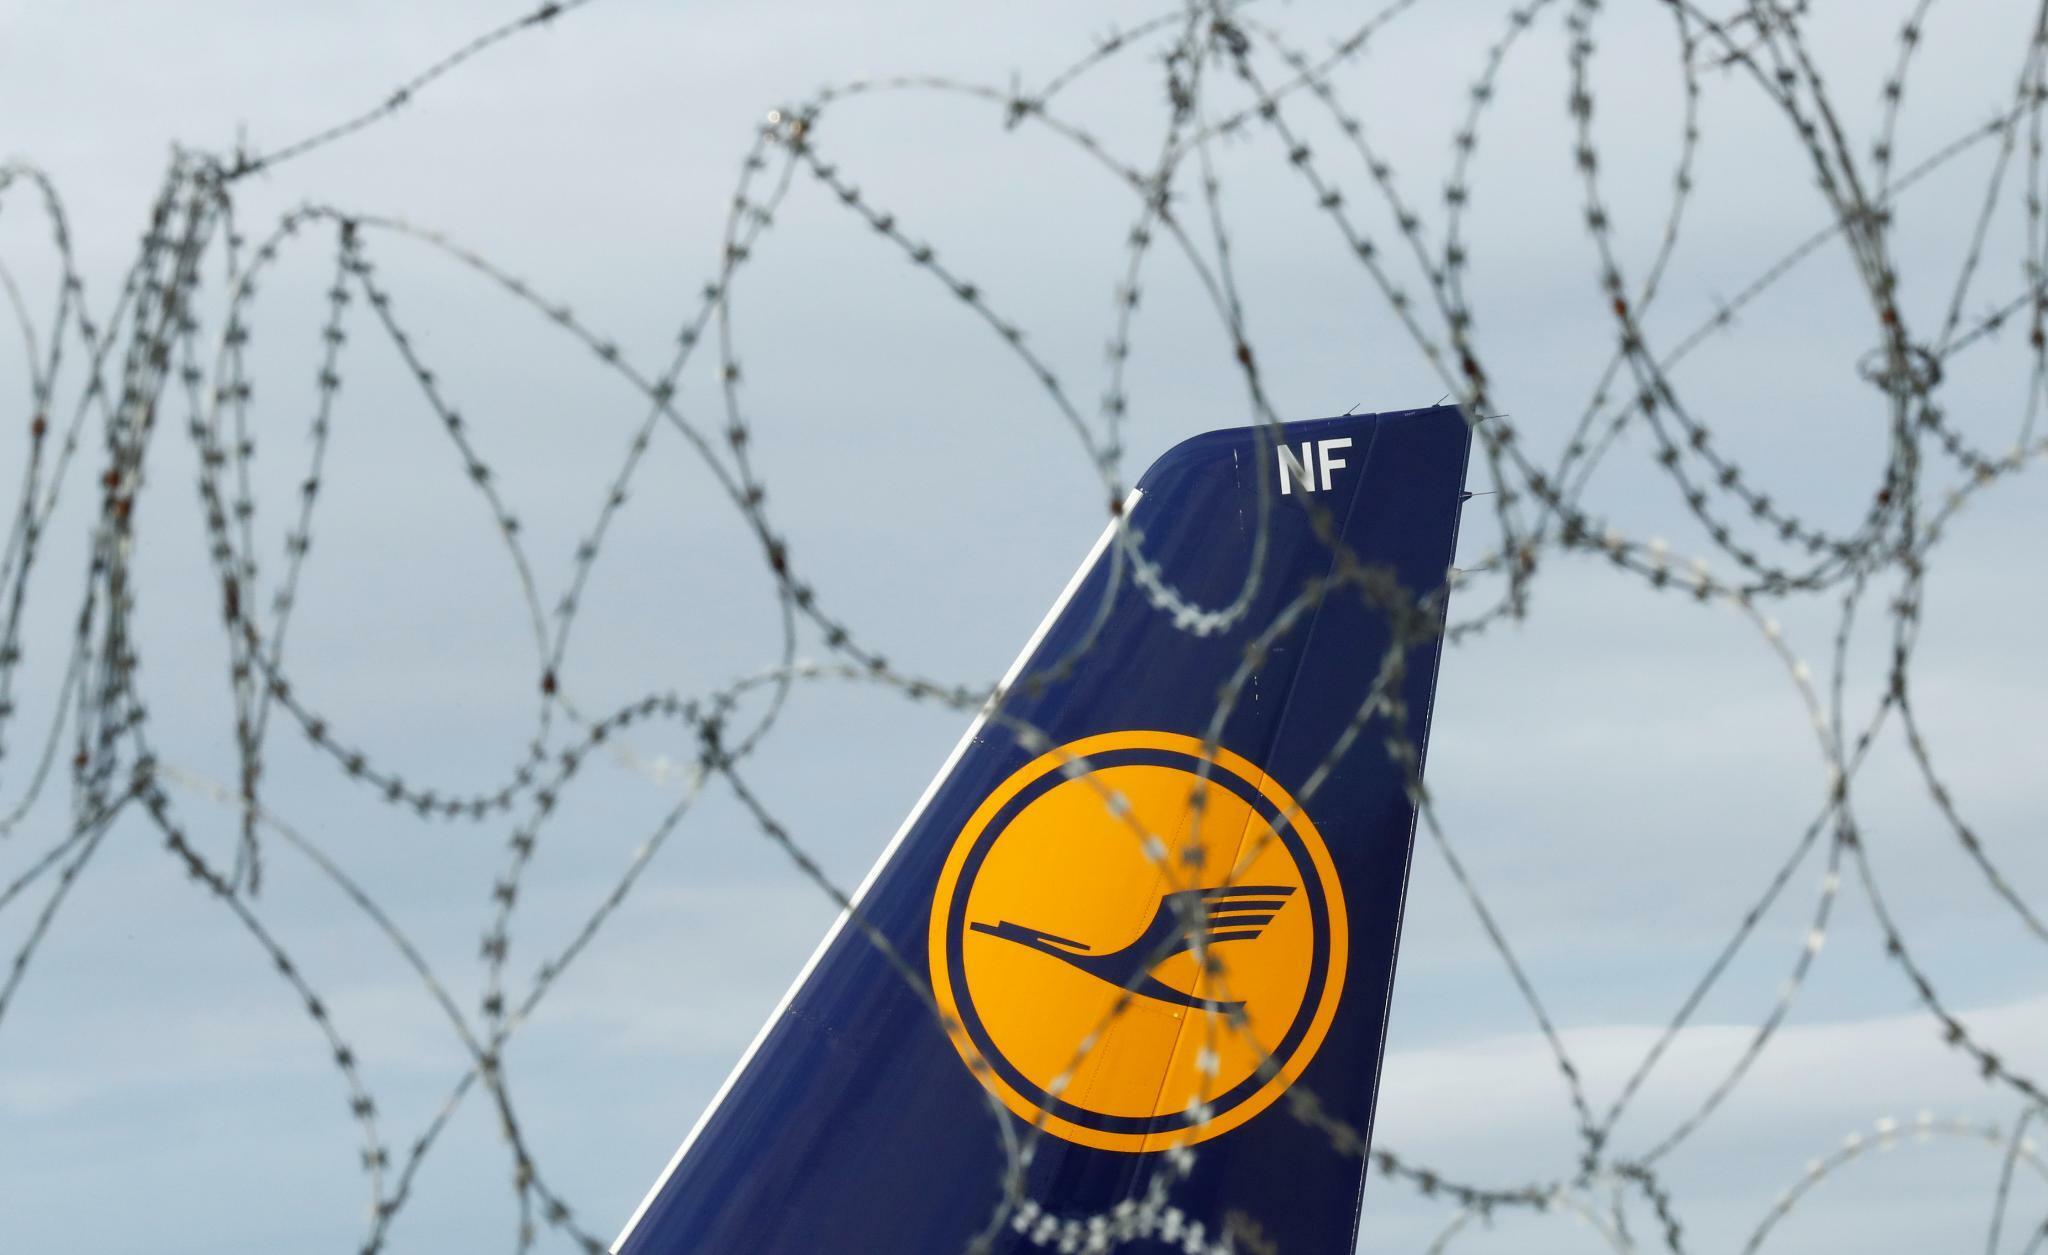 Lufthansa Streik: Geplatzte Schlichtung und weitere Warnstreiks